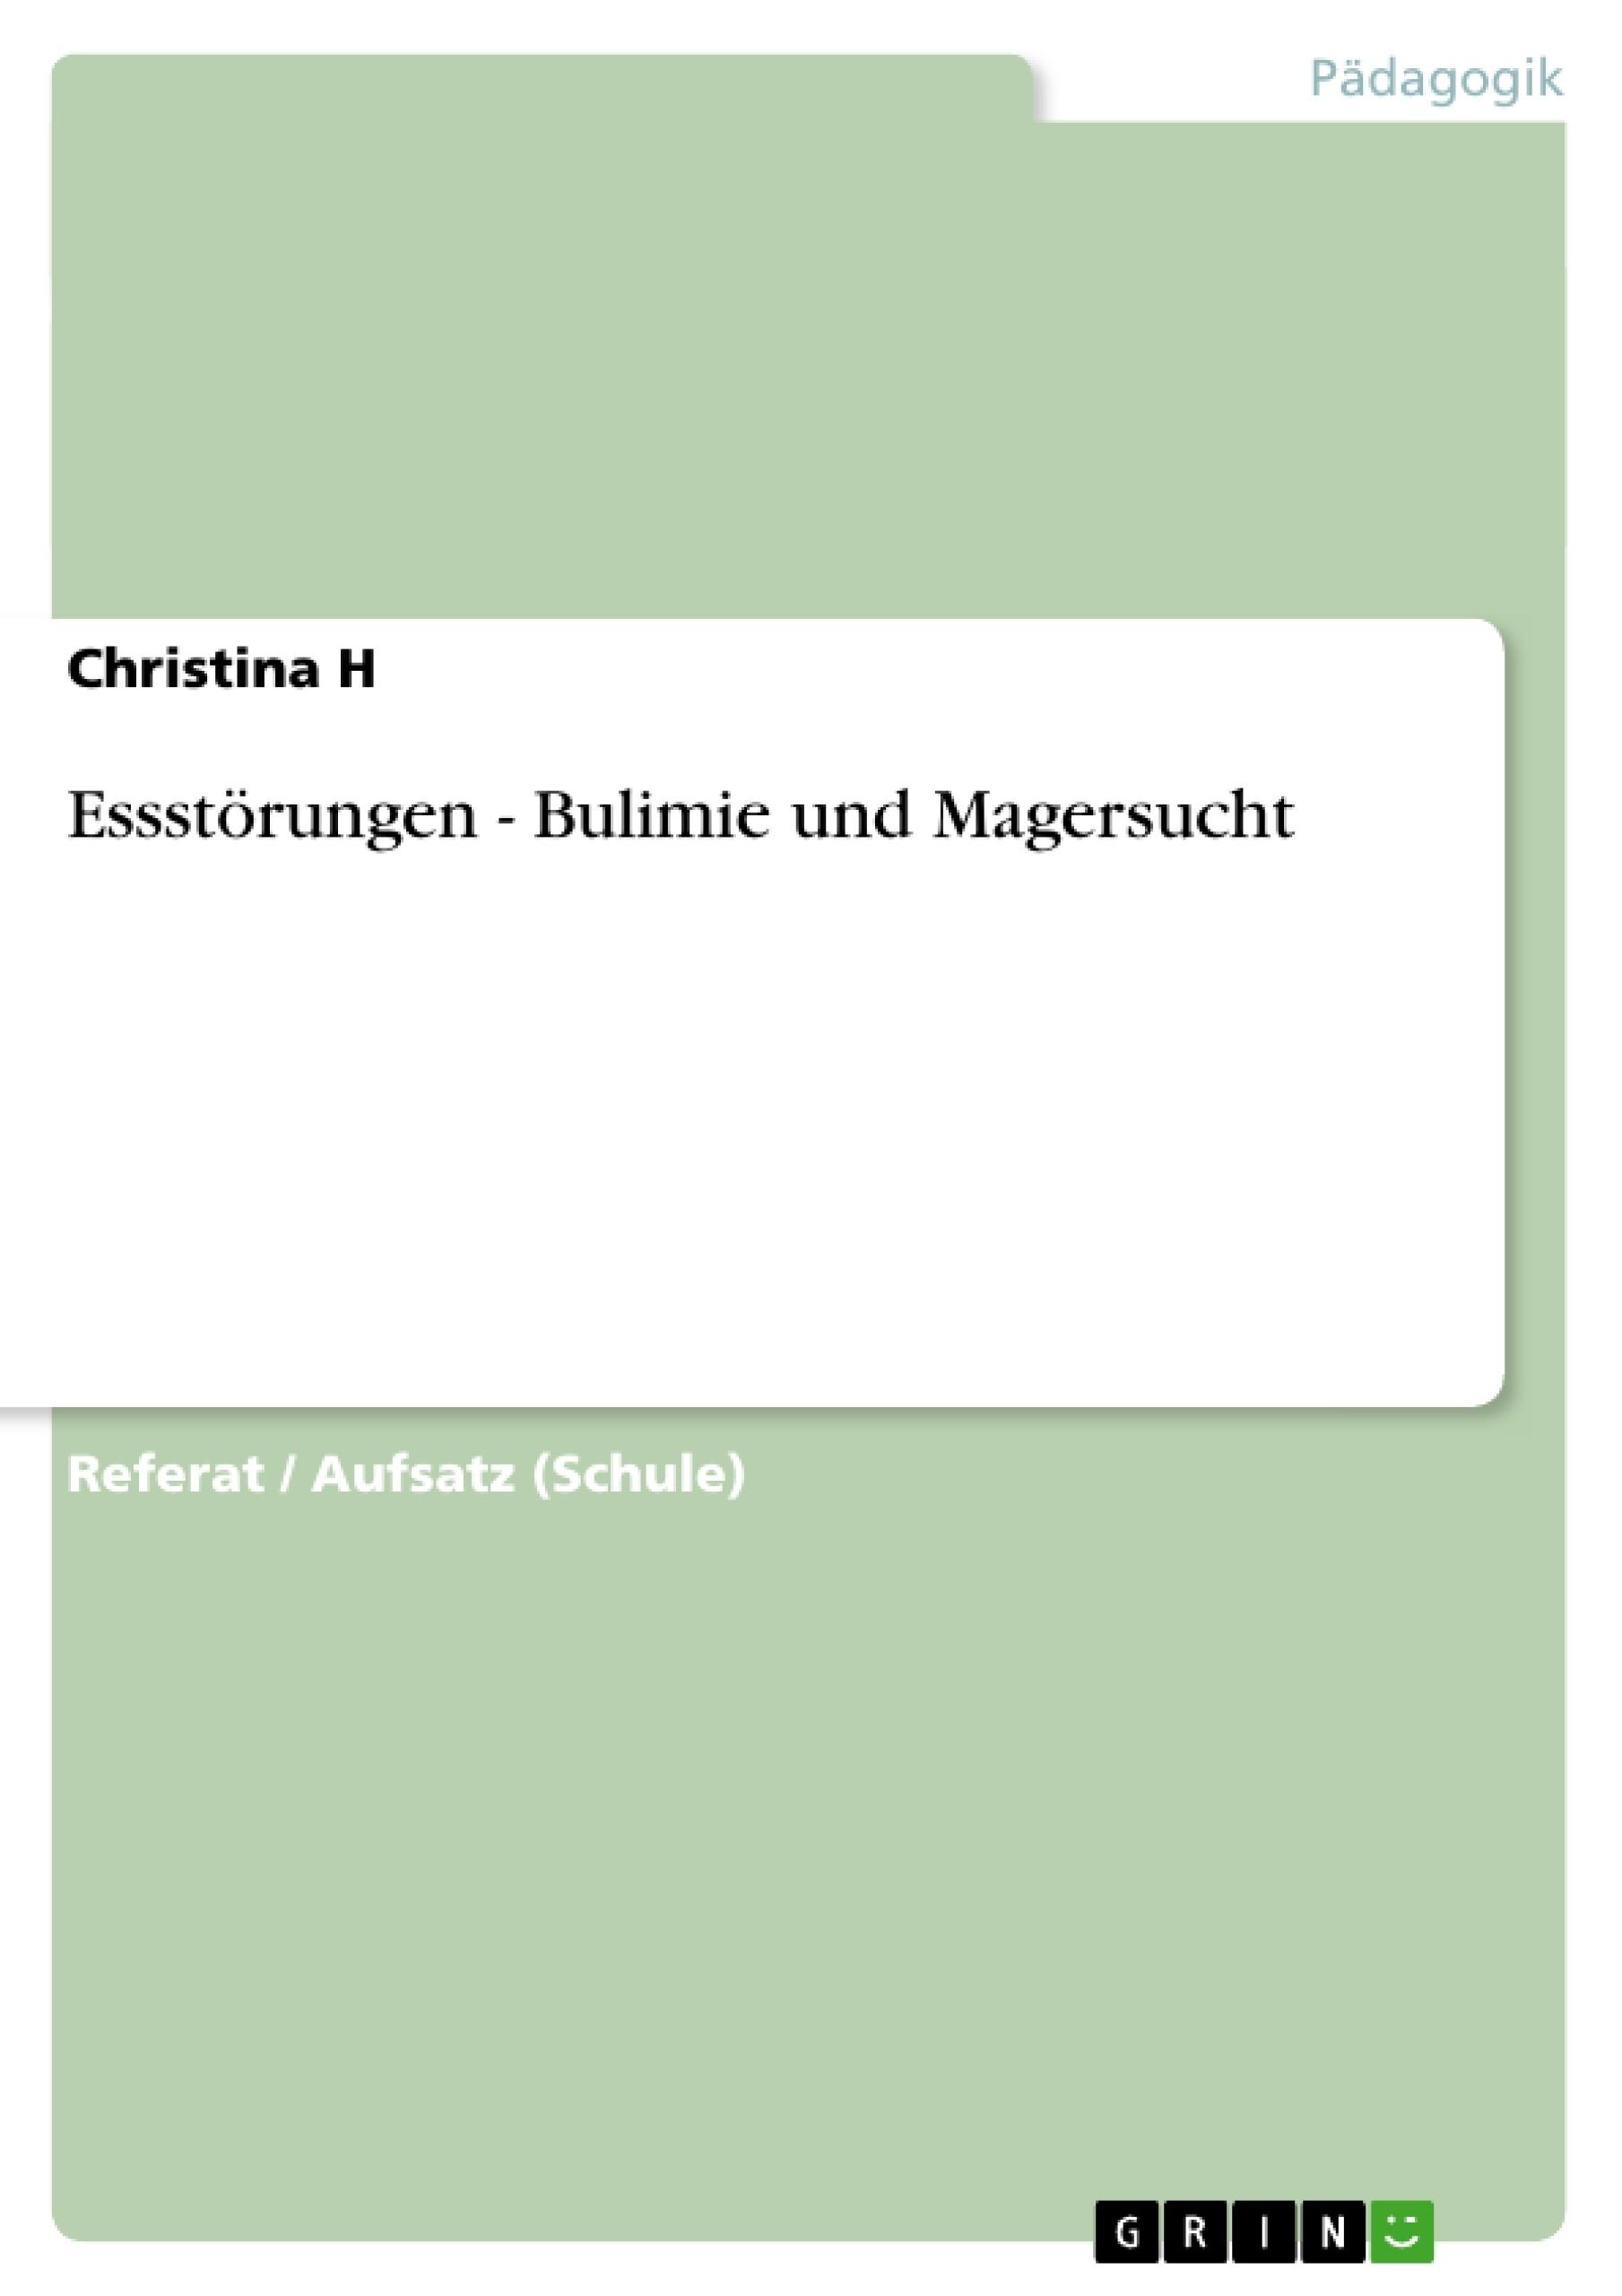 Titel: Essstörungen - Bulimie und Magersucht